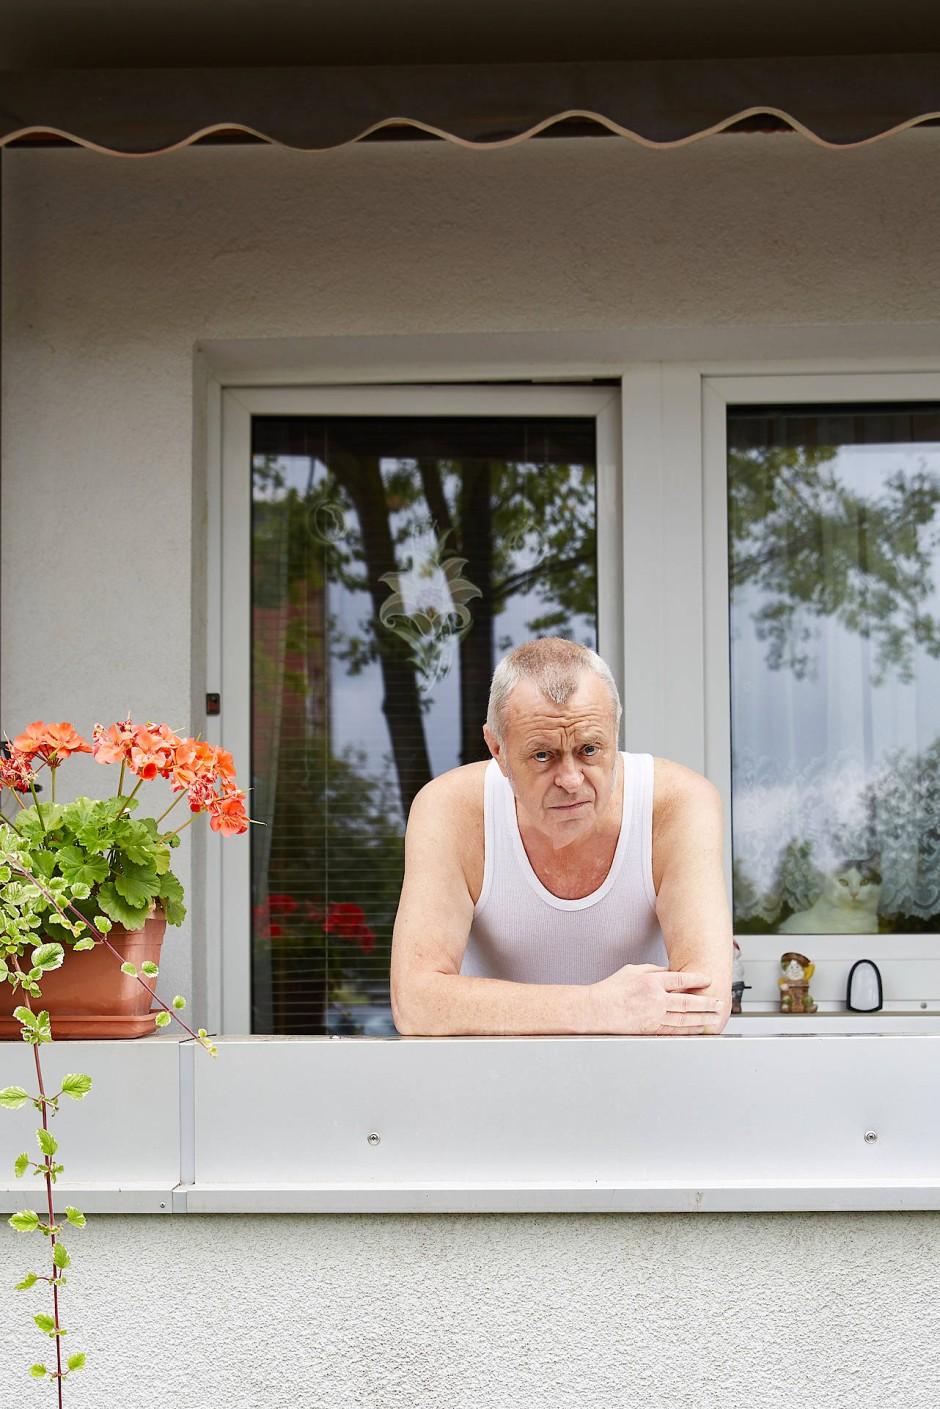 """Klaus Fabien wohnt seit über 40 Jahren im Wohnhaus, gegenüber der Oberschule """"Am Flughafen"""", im Stadtteil Kappel in Chemnitz. Politisch hält er sich raus – die Situation findet er aber schlimm."""